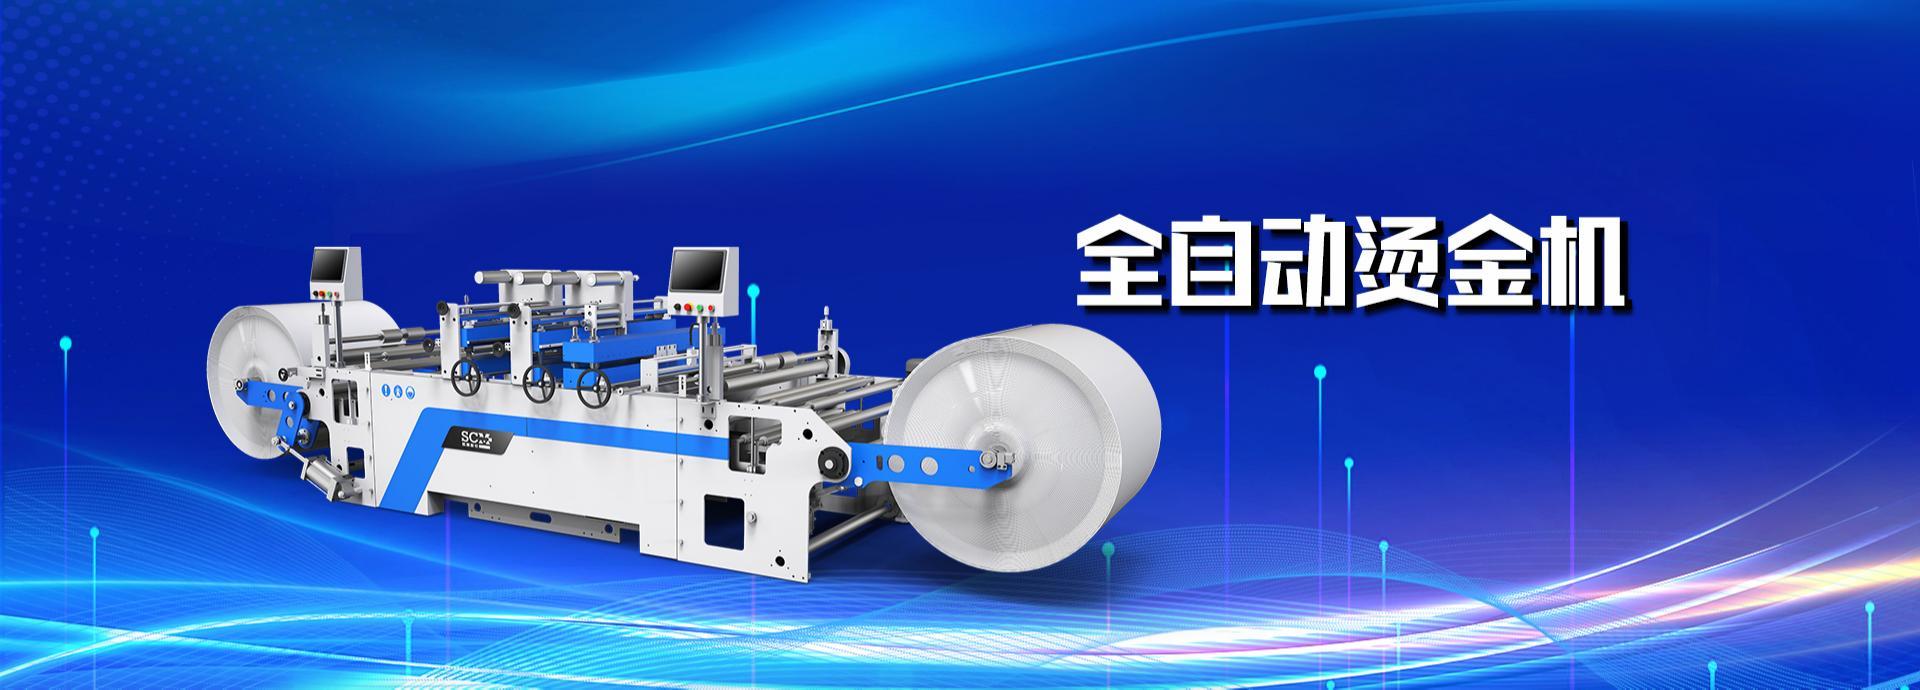 胜昌机械同步智能化   助力企业均衡增效 提高产能改善质量   印后加工解决方案一站式定制